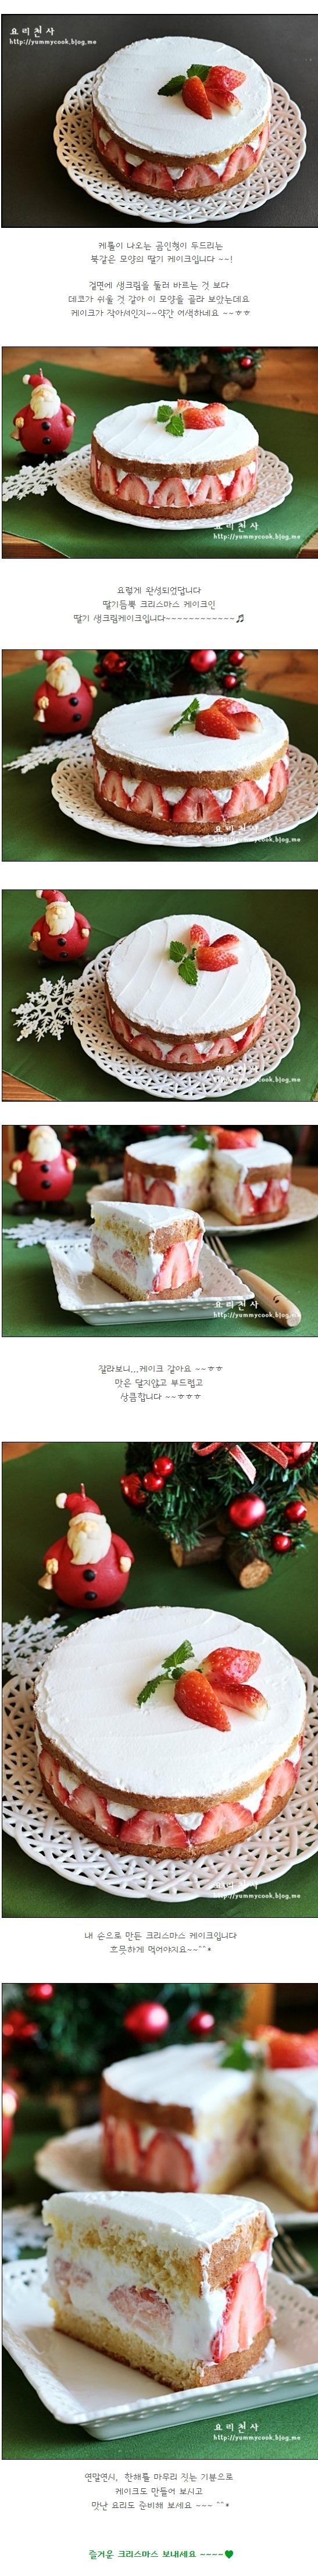 크리스마스 케이크 만들기, 딸기 생크림케이크